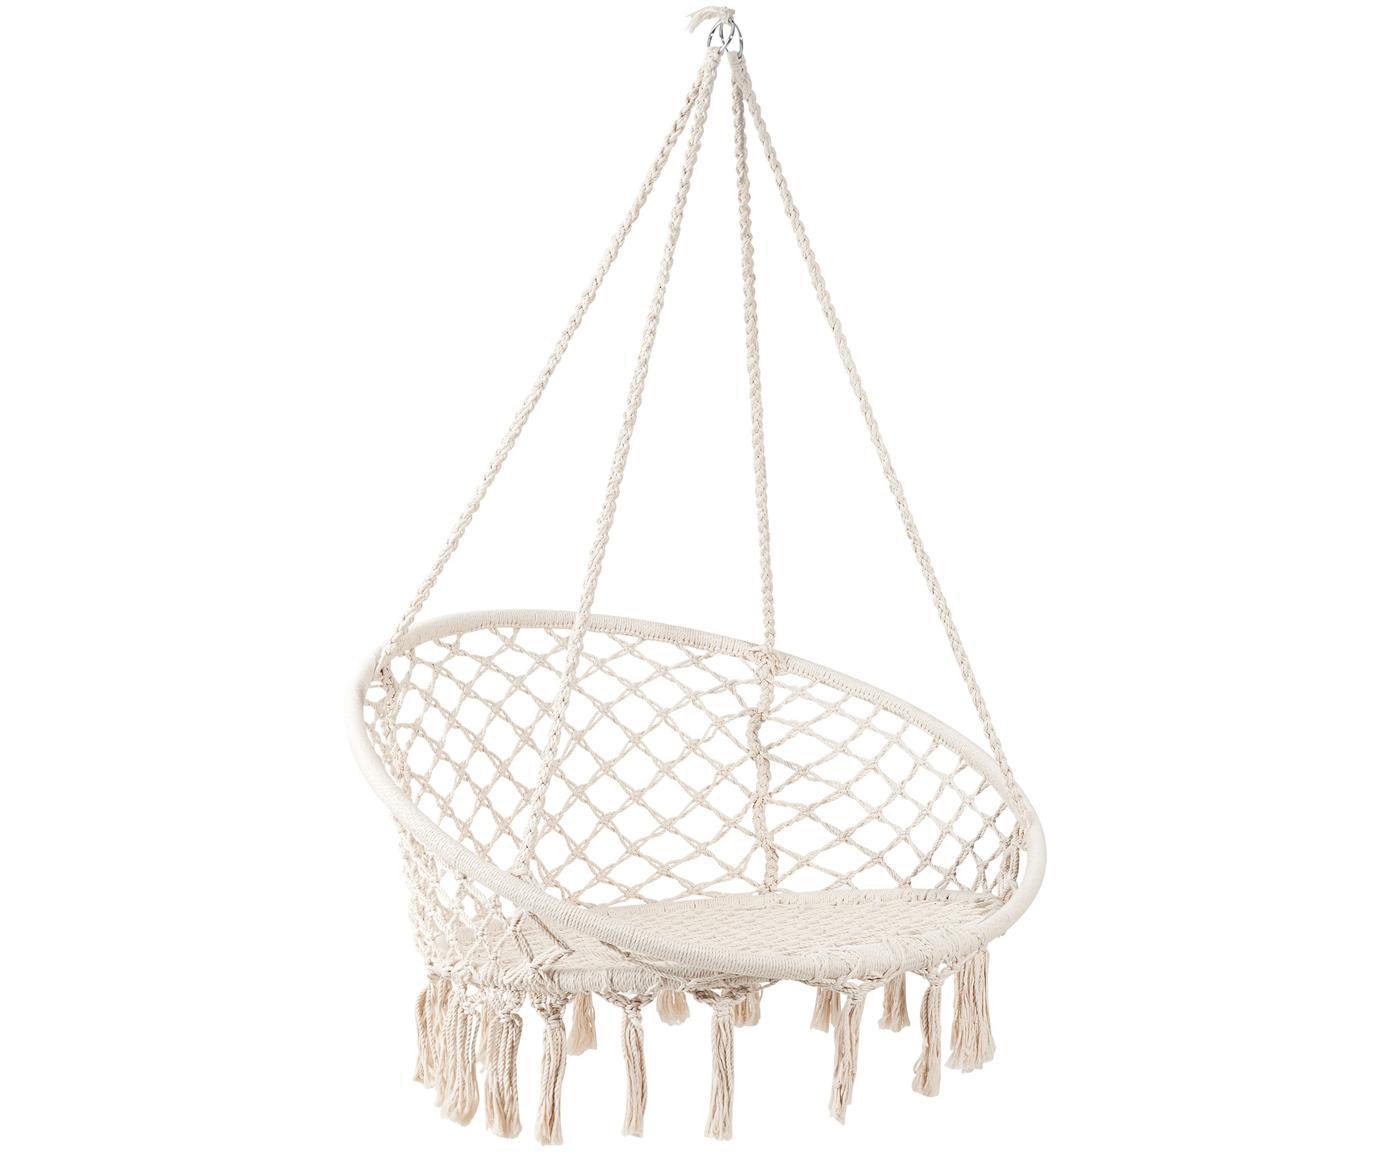 Silla hamaca Paradise Now, Asiento: algodón, poliéster, Estructura: acero recubierto, Crema, Ø 100 x Al 145 cm